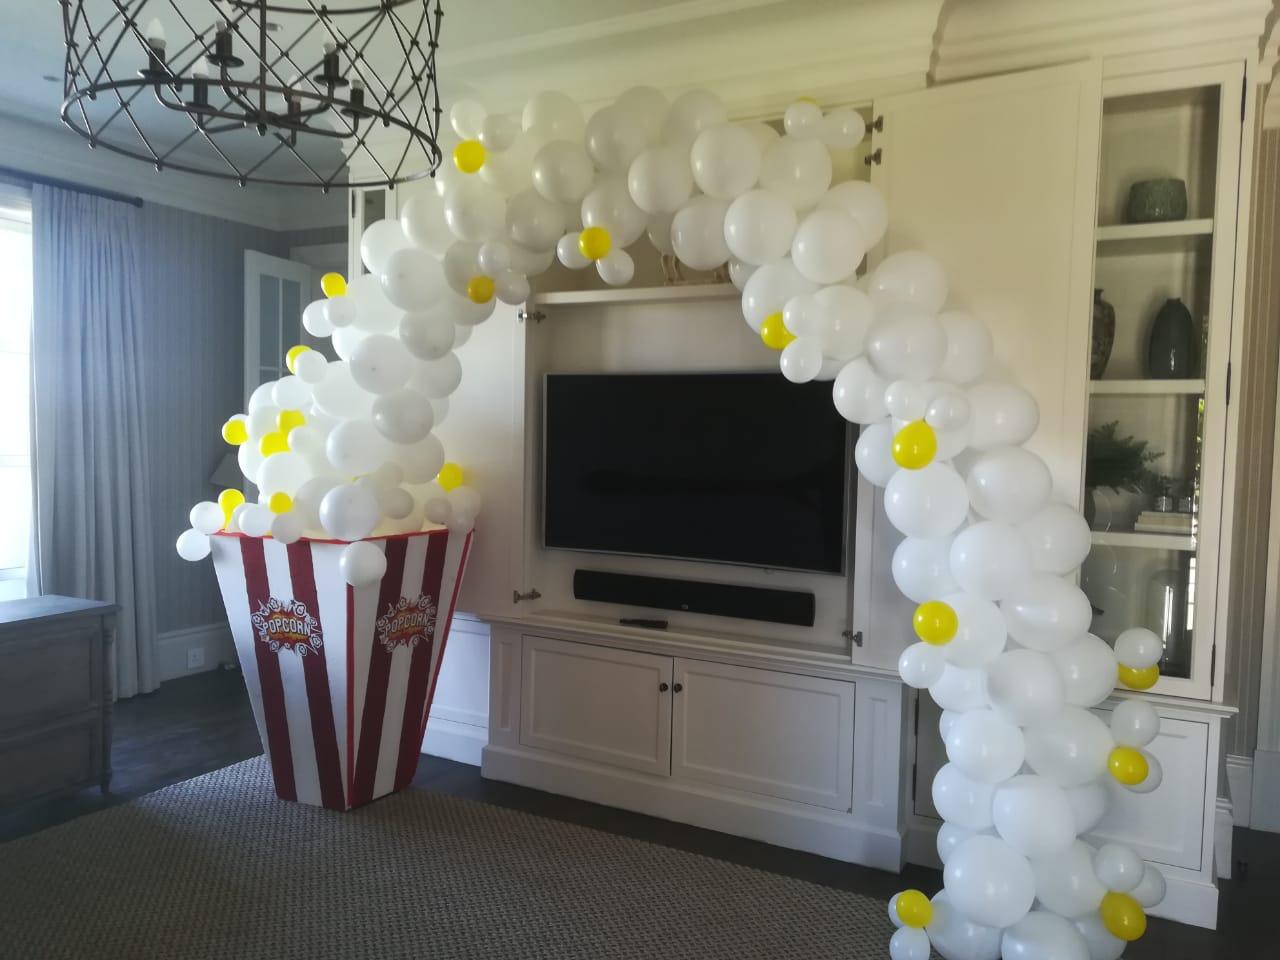 valdevie-balloons.jpeg